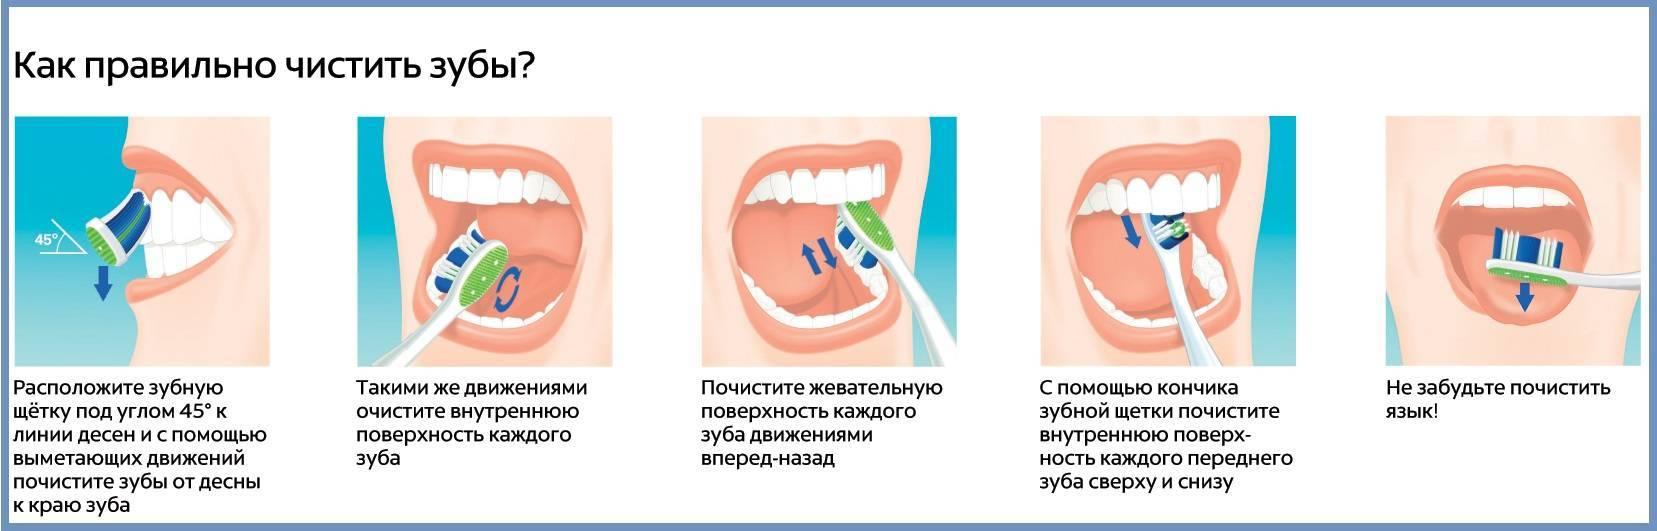 Электрические зубные щетки орал би: инструкция по применению, преимущества и особенности, тип управления, профессиональная забота в домашних условиях